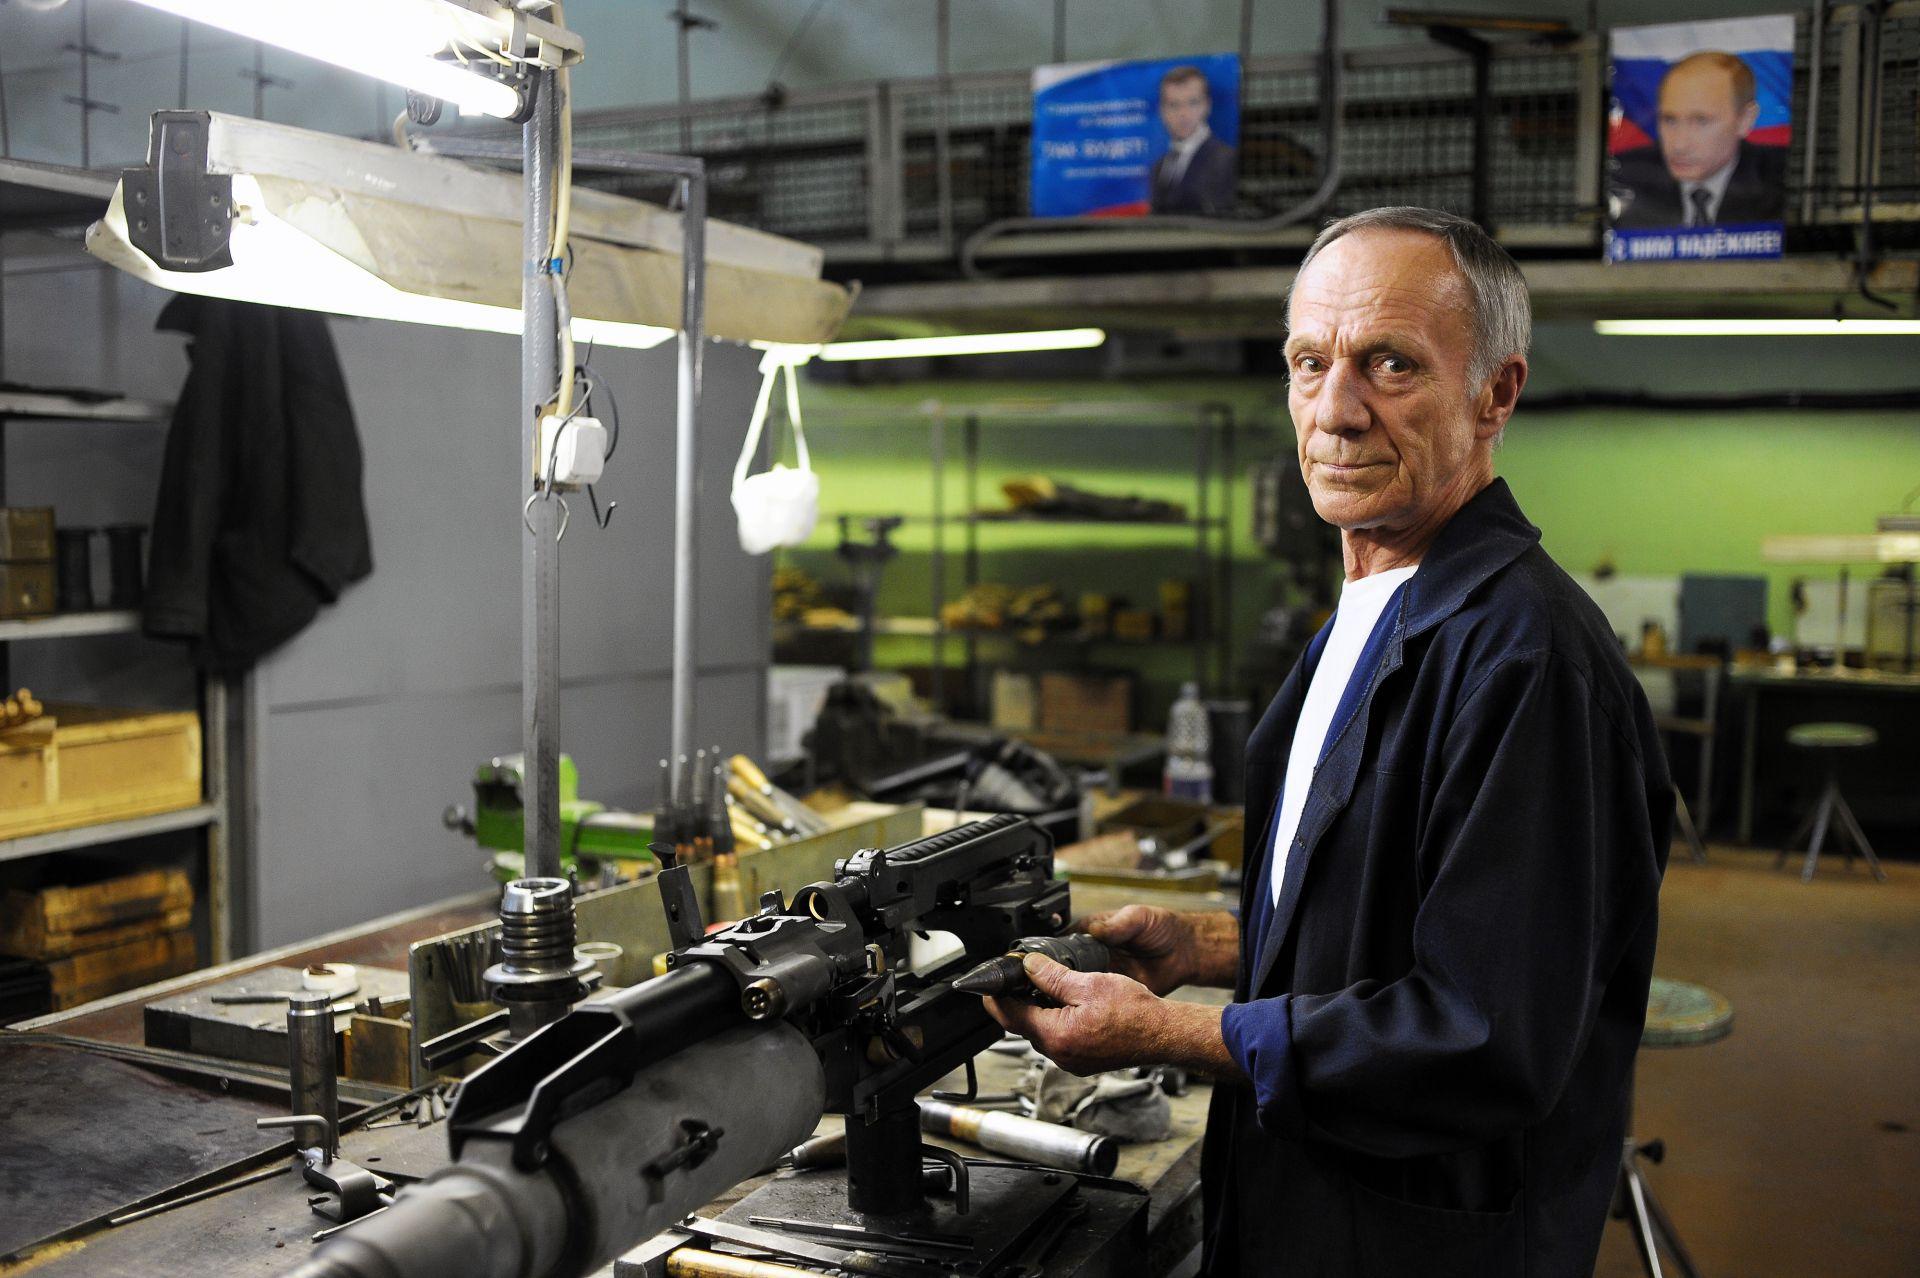 """10/10. Proizvodi fabrike """"Ižmaš"""" isporučuju se u 27 zemalja sveta, uključujući i SAD, Veliku Britaniju, Nemačku, Norvešku, Italiju, Kanadu, Kazahstan i Tajland. U avgustu 2013. godine preduzeća """"Ižmaš"""" i """"Iževska fabrika mehanike"""" ujedinila su se u koncern pod imenom """"Kalašnjikov""""."""